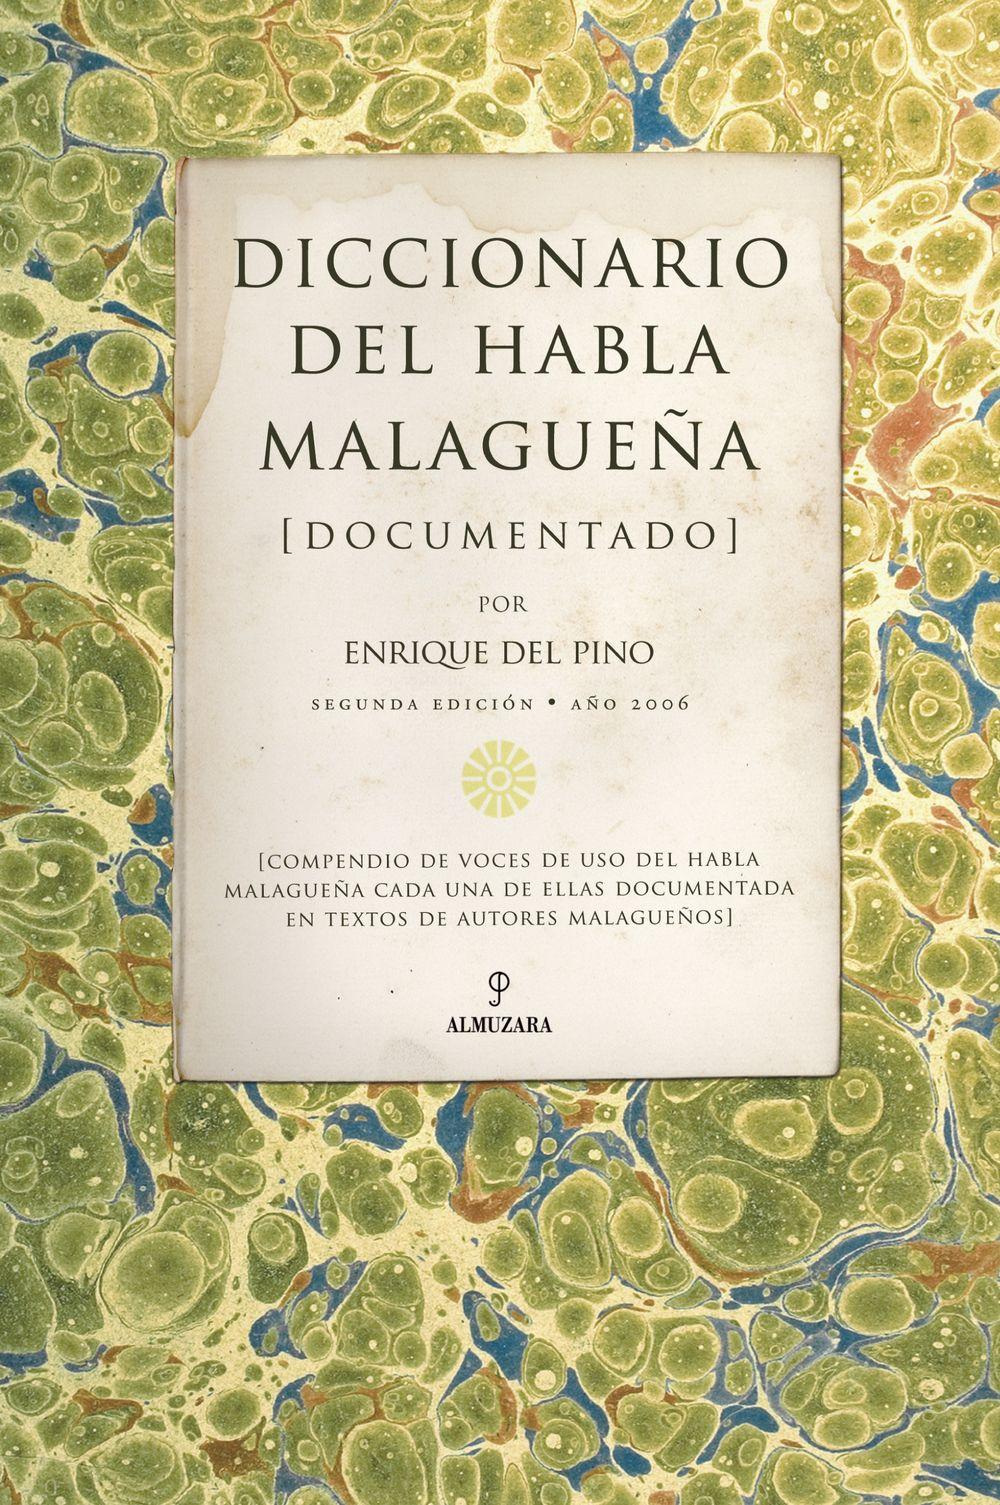 DICCIONARIO DEL HABLA MALAGUEÑA (DOCUMENTADO)